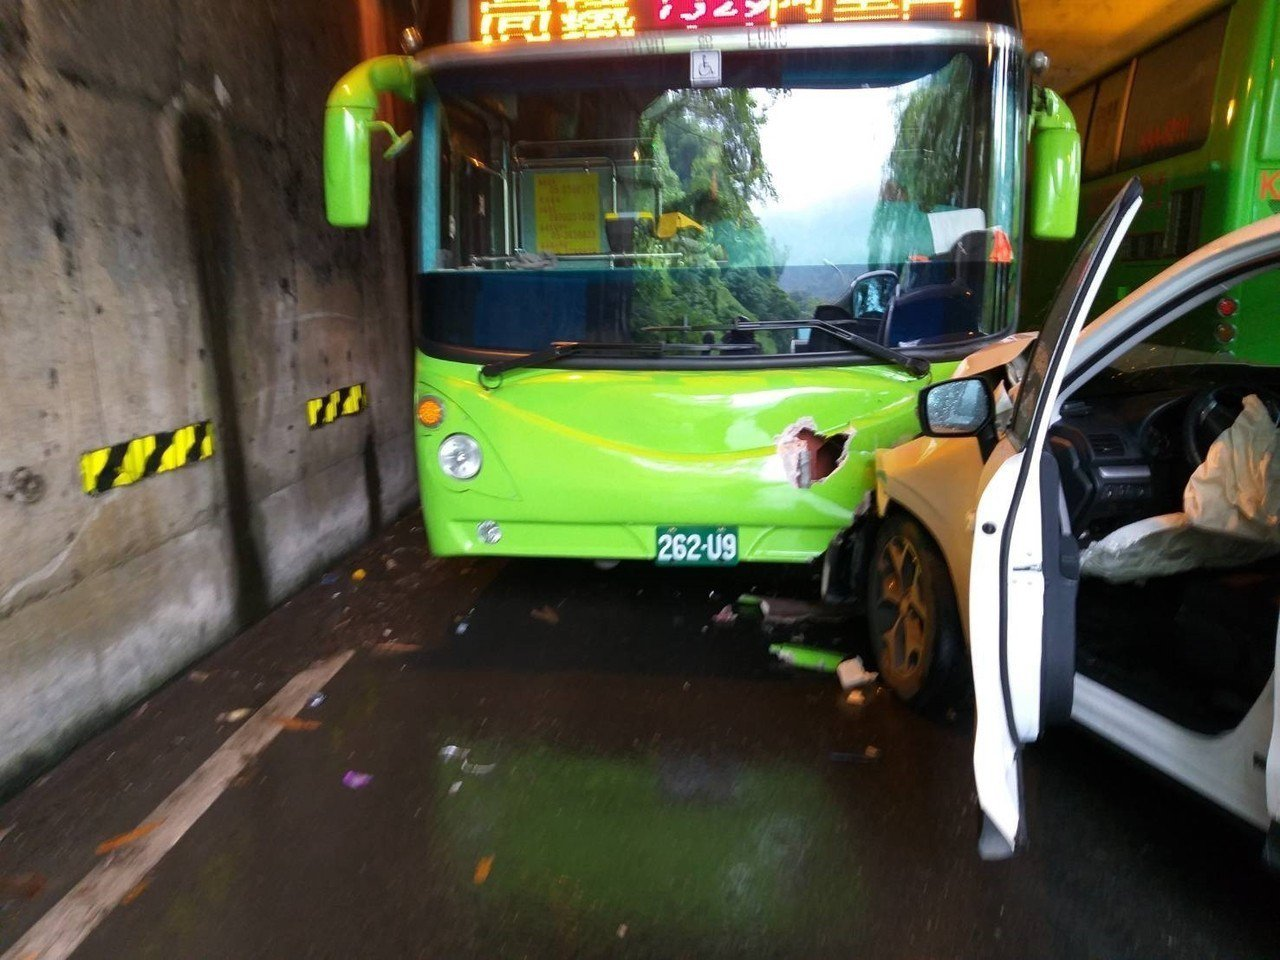 阿里山公路觸口明隧道發生3車撞擊。記者謝恩得/翻攝